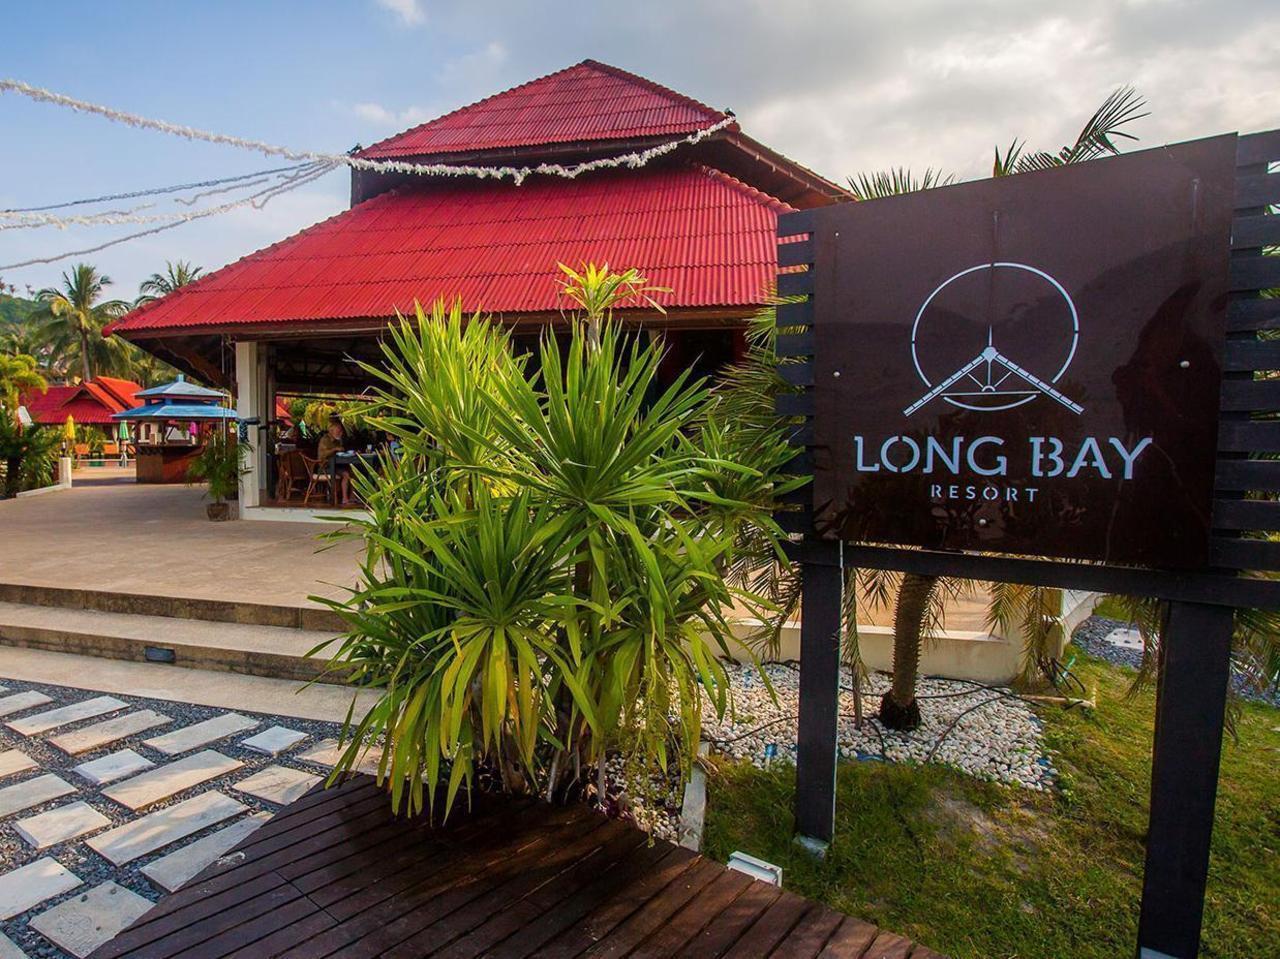 ลองเบย์ รีสอร์ท (Long Bay Resort)